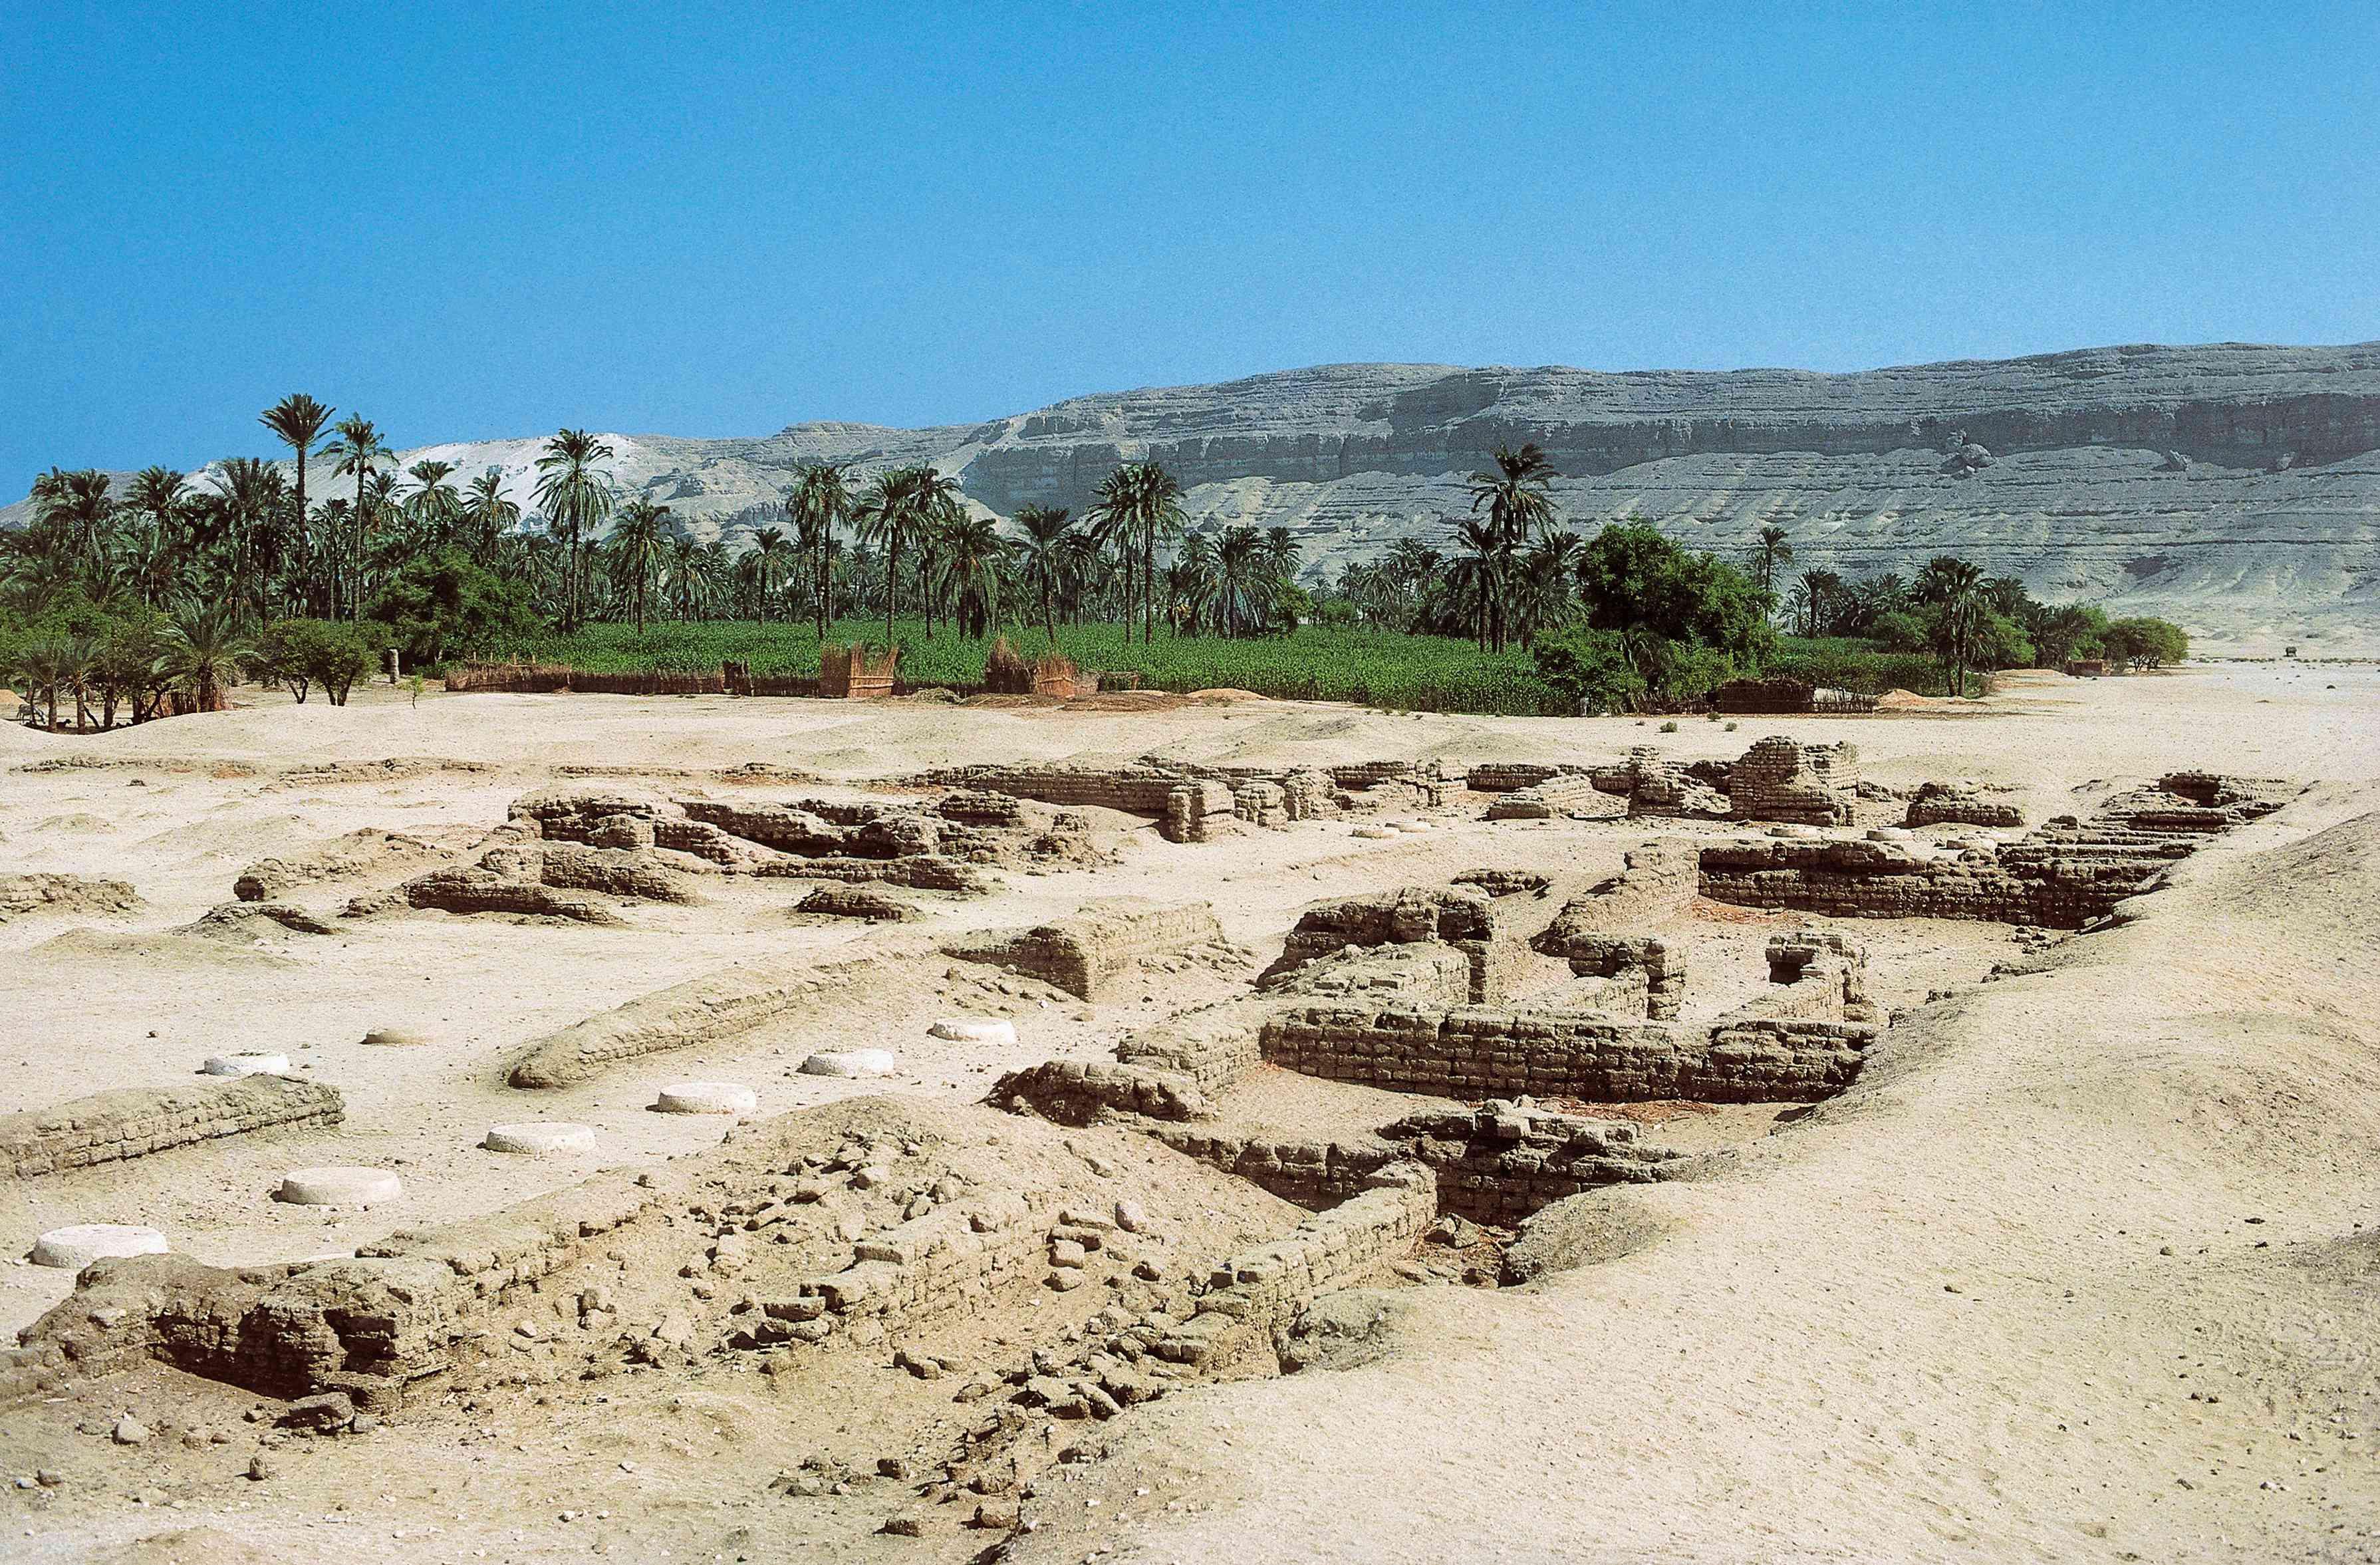 Ruins of Pharaoh Akhenaton's capital Tell el-Amarna (Akhetaten). New Kingdom, 18th Dynasty